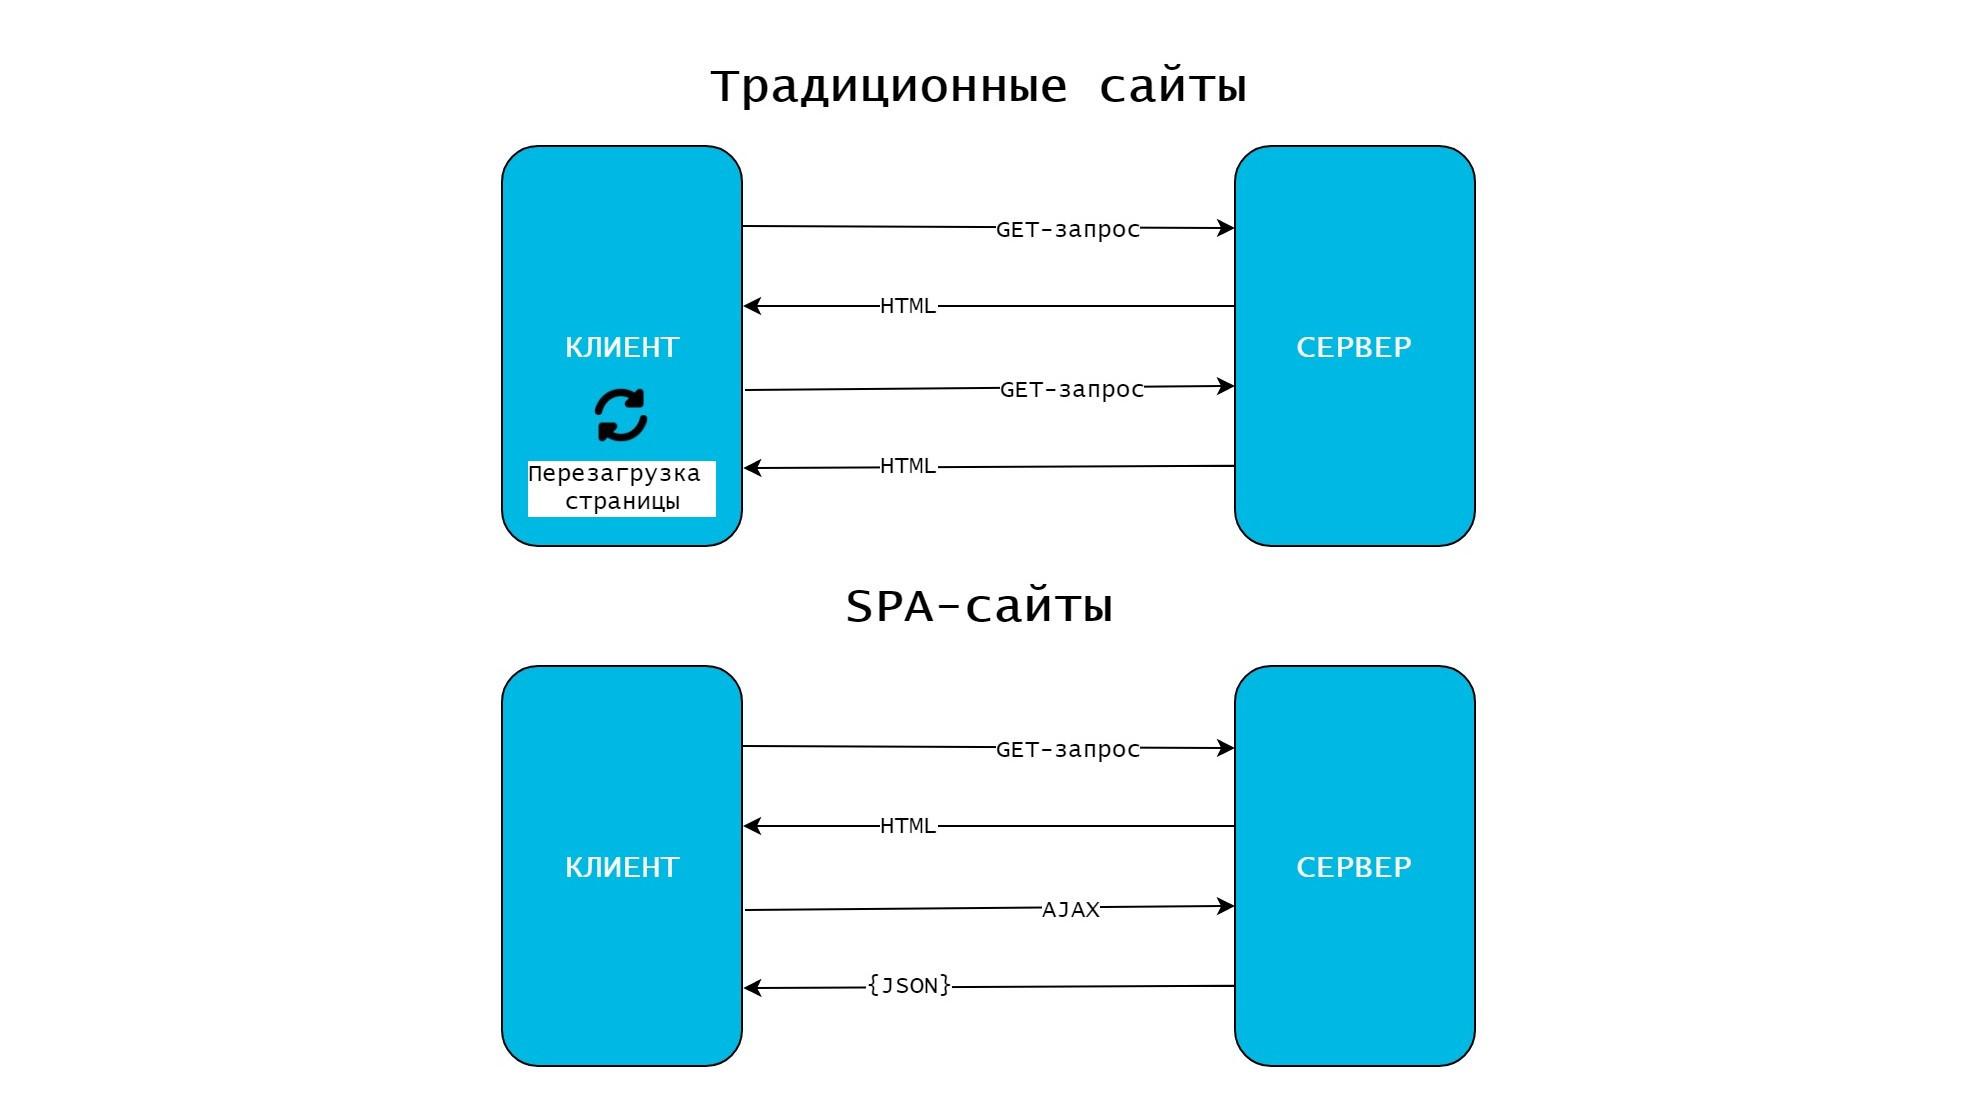 Традиционные и спа-сайты